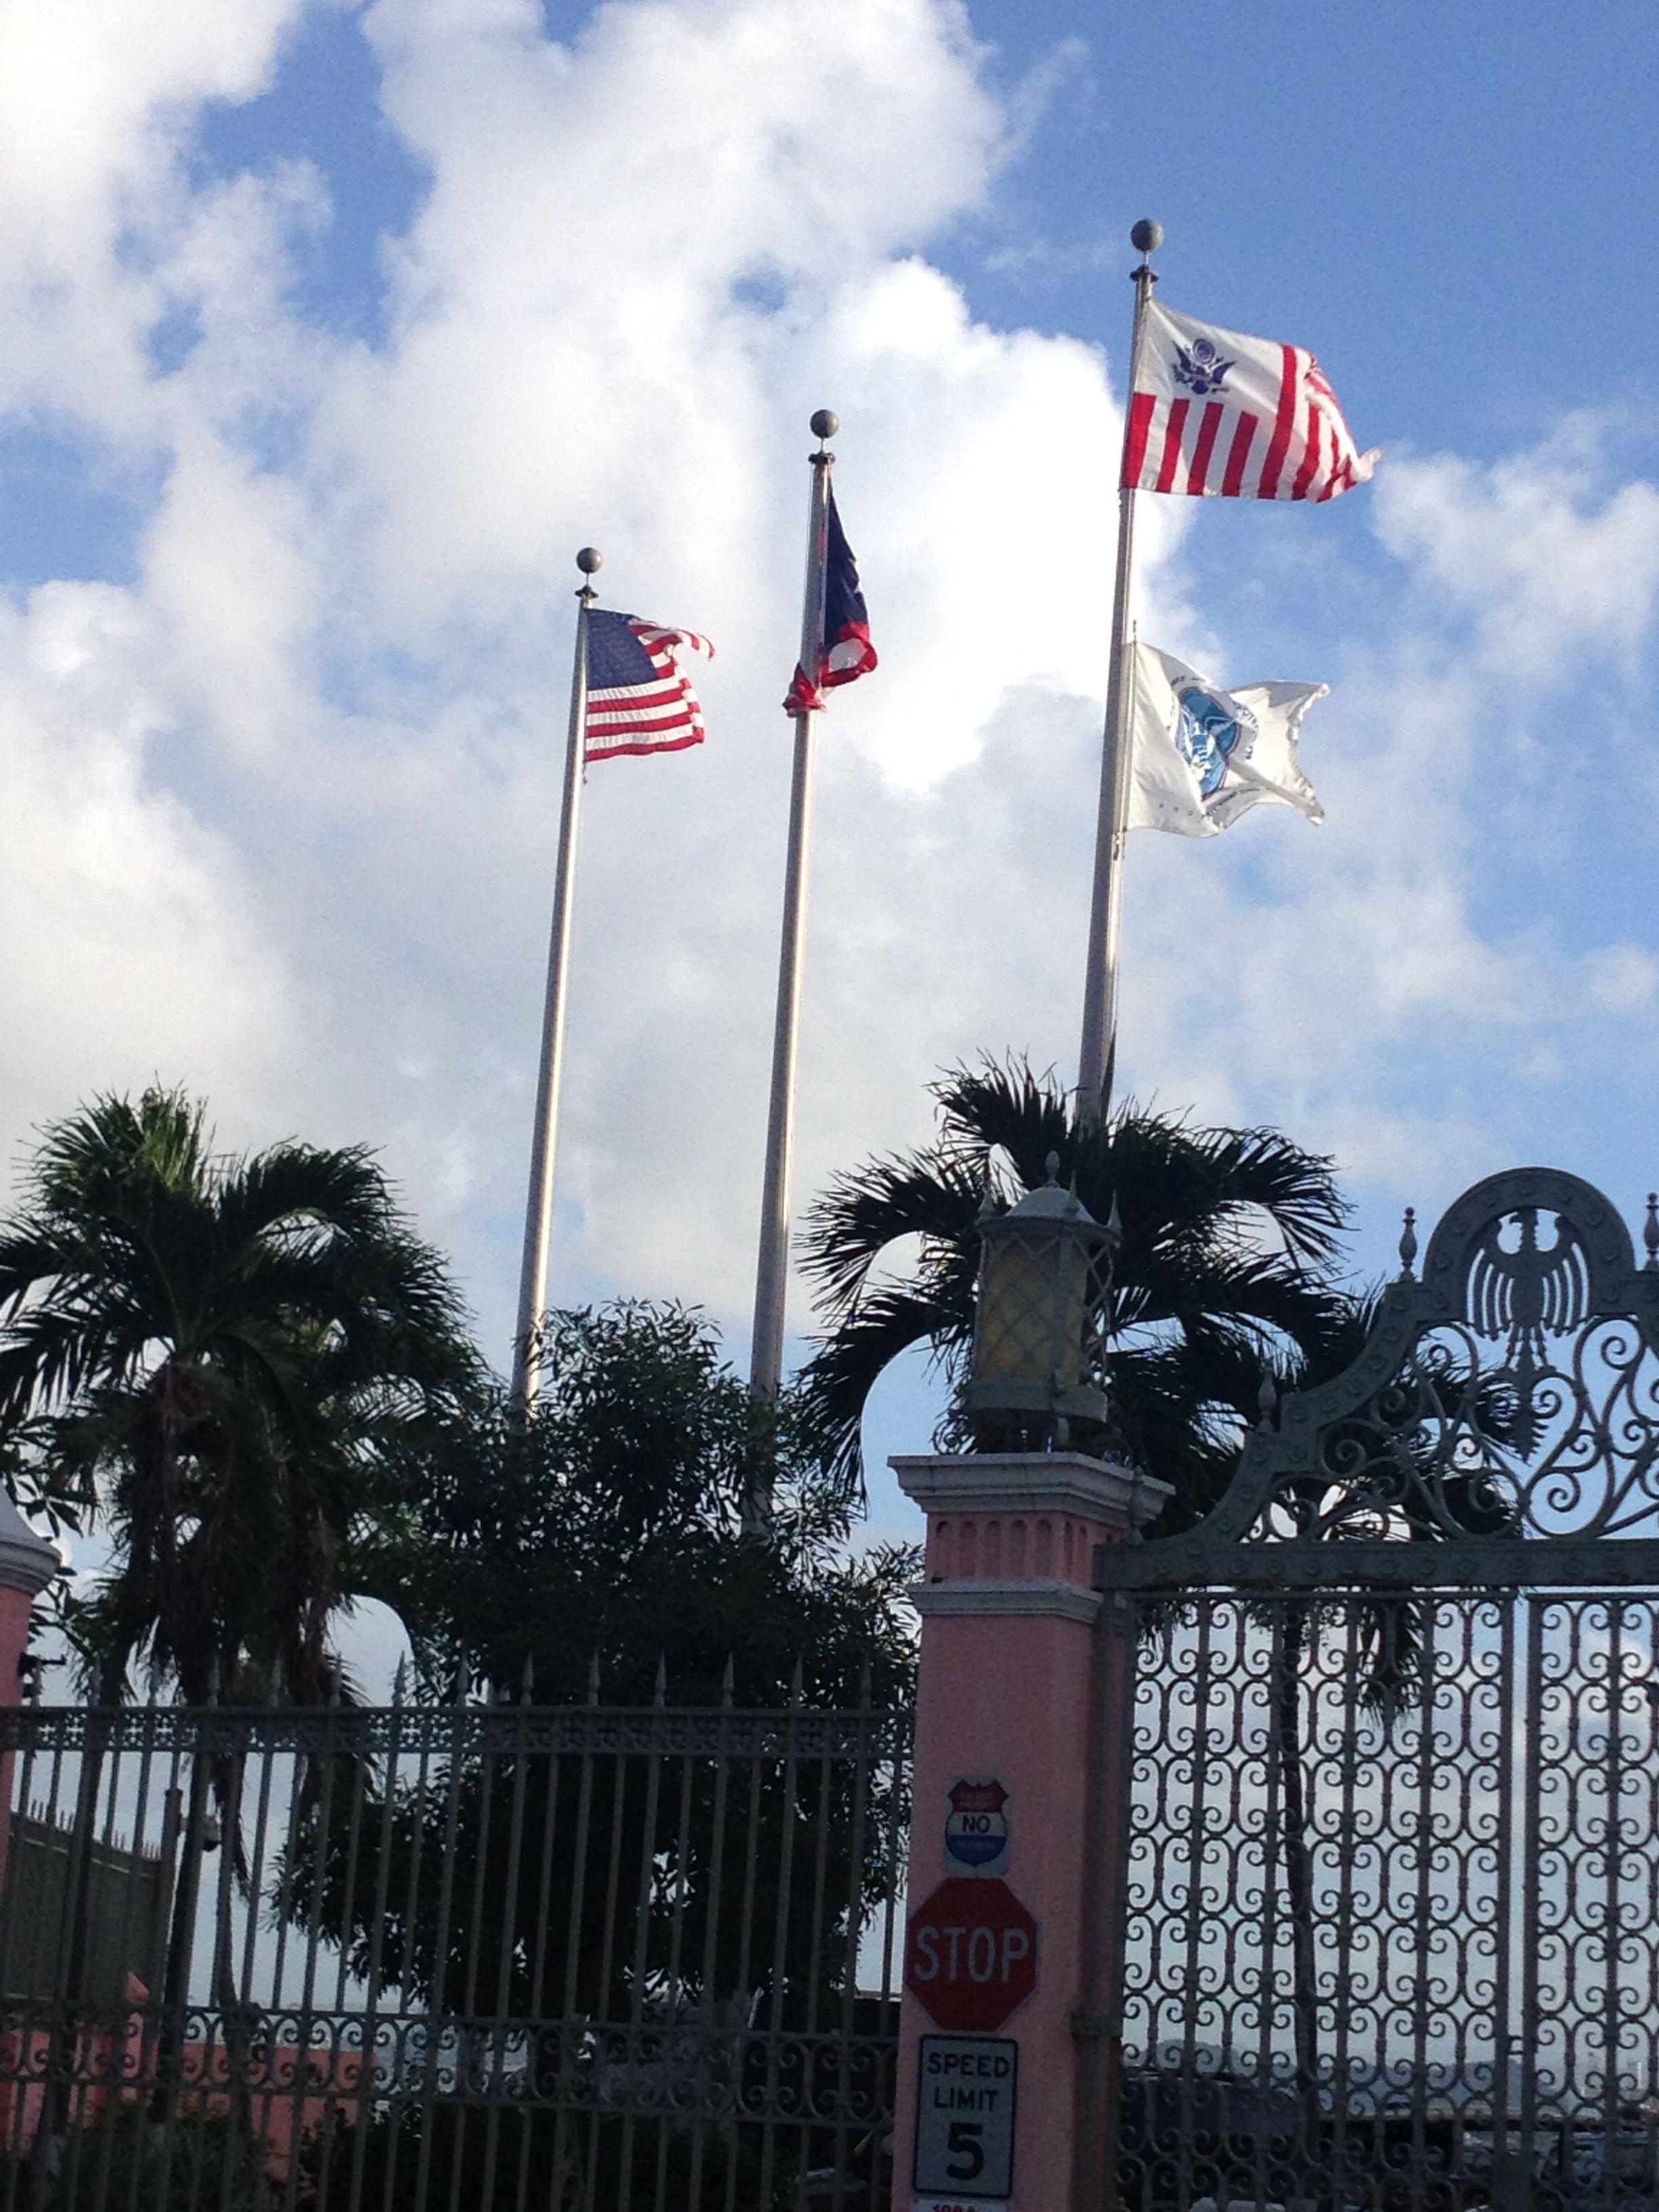 US Custom Border. El recinto muestra las banderas en una posición adecuada, al lado izquierdo de la bandera de los Estados Unidos de América se encuentra la de Puerto Rico y al lado izquierda de está la del recinto, las cuales las mismas tres se encuentran en buen estado y a la altura adecuada.